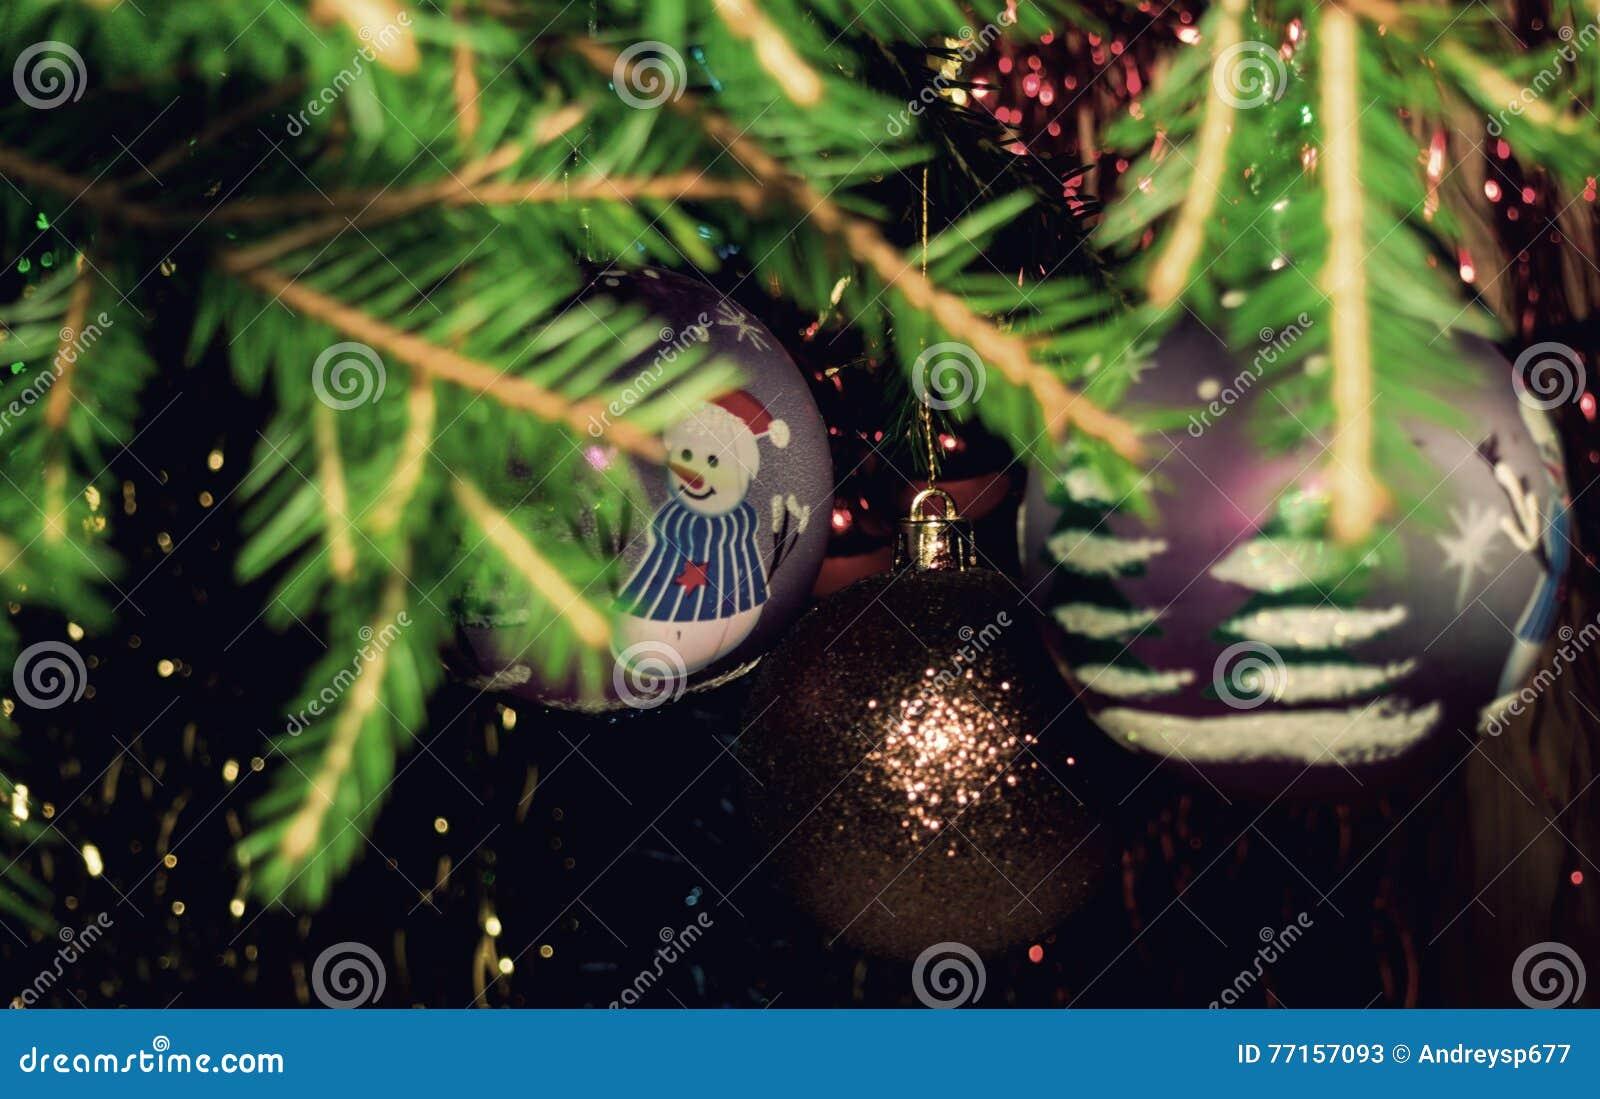 Cru Branches d arbre de Noël avec des boules de Noël et des flocons de neige en baisse